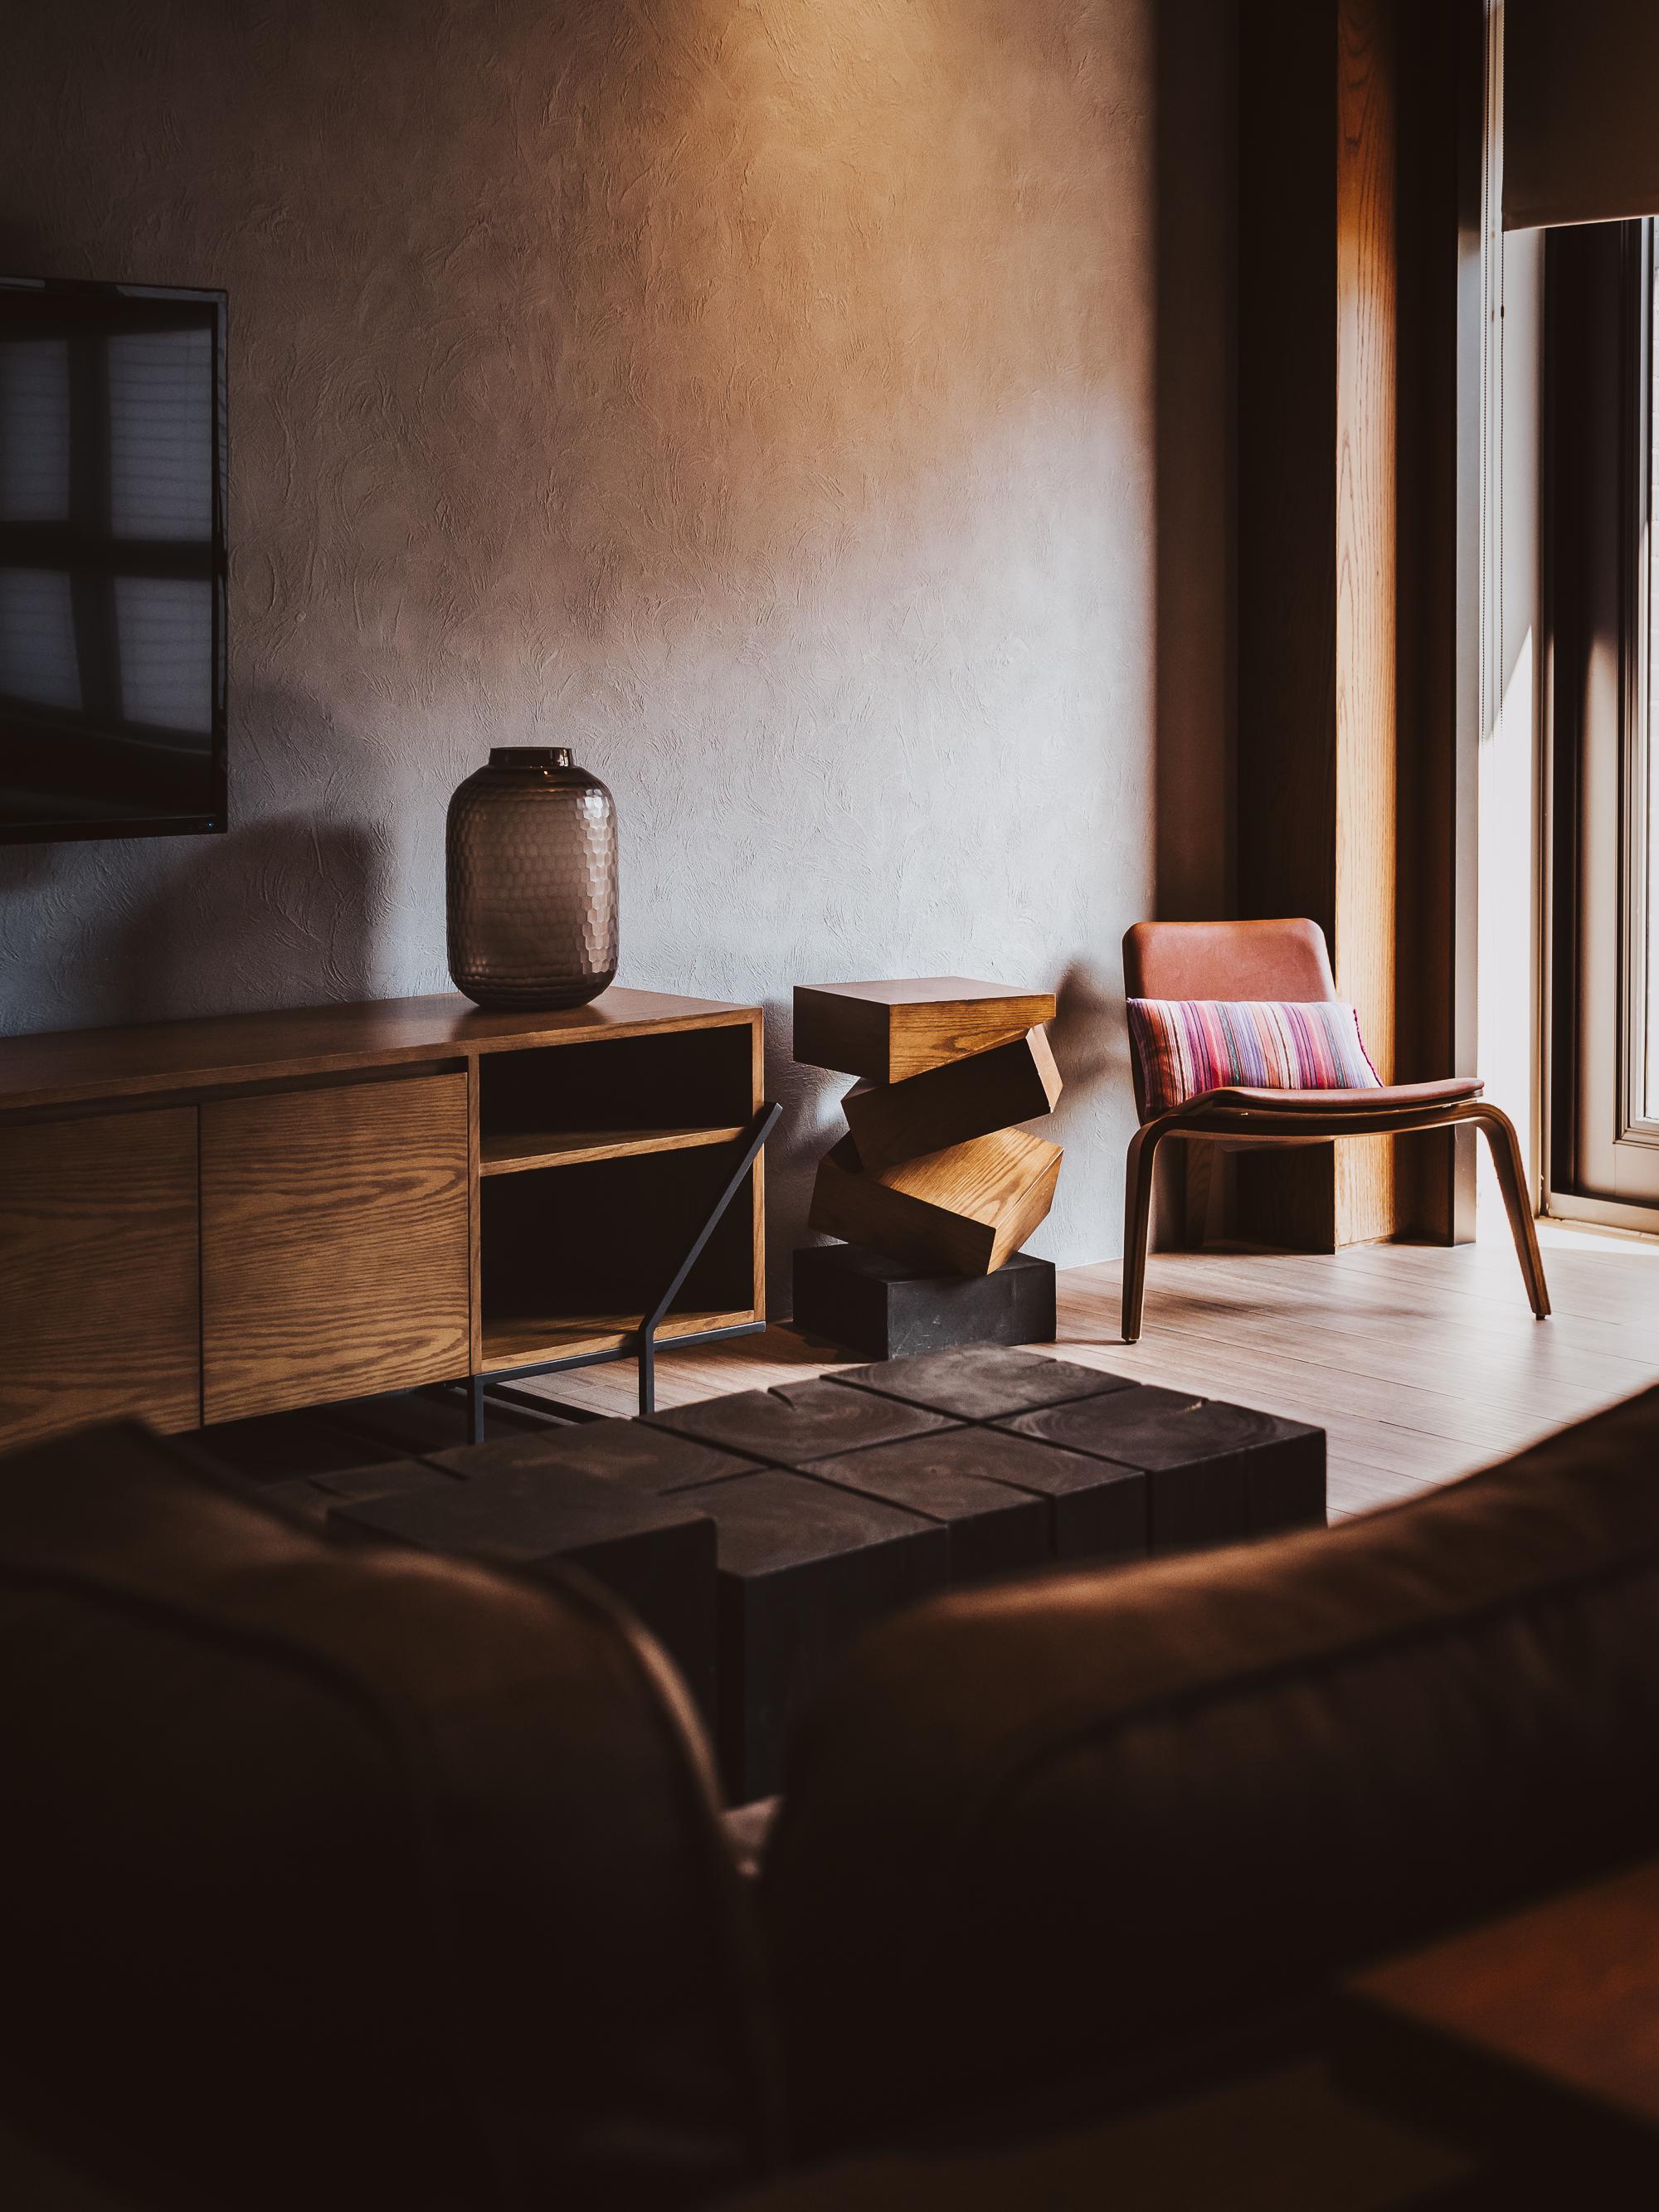 Home Hotel Da-An Interior Photography - Olympus EM1Markii 2512 - Yes! Please Enjoy-20.jpg